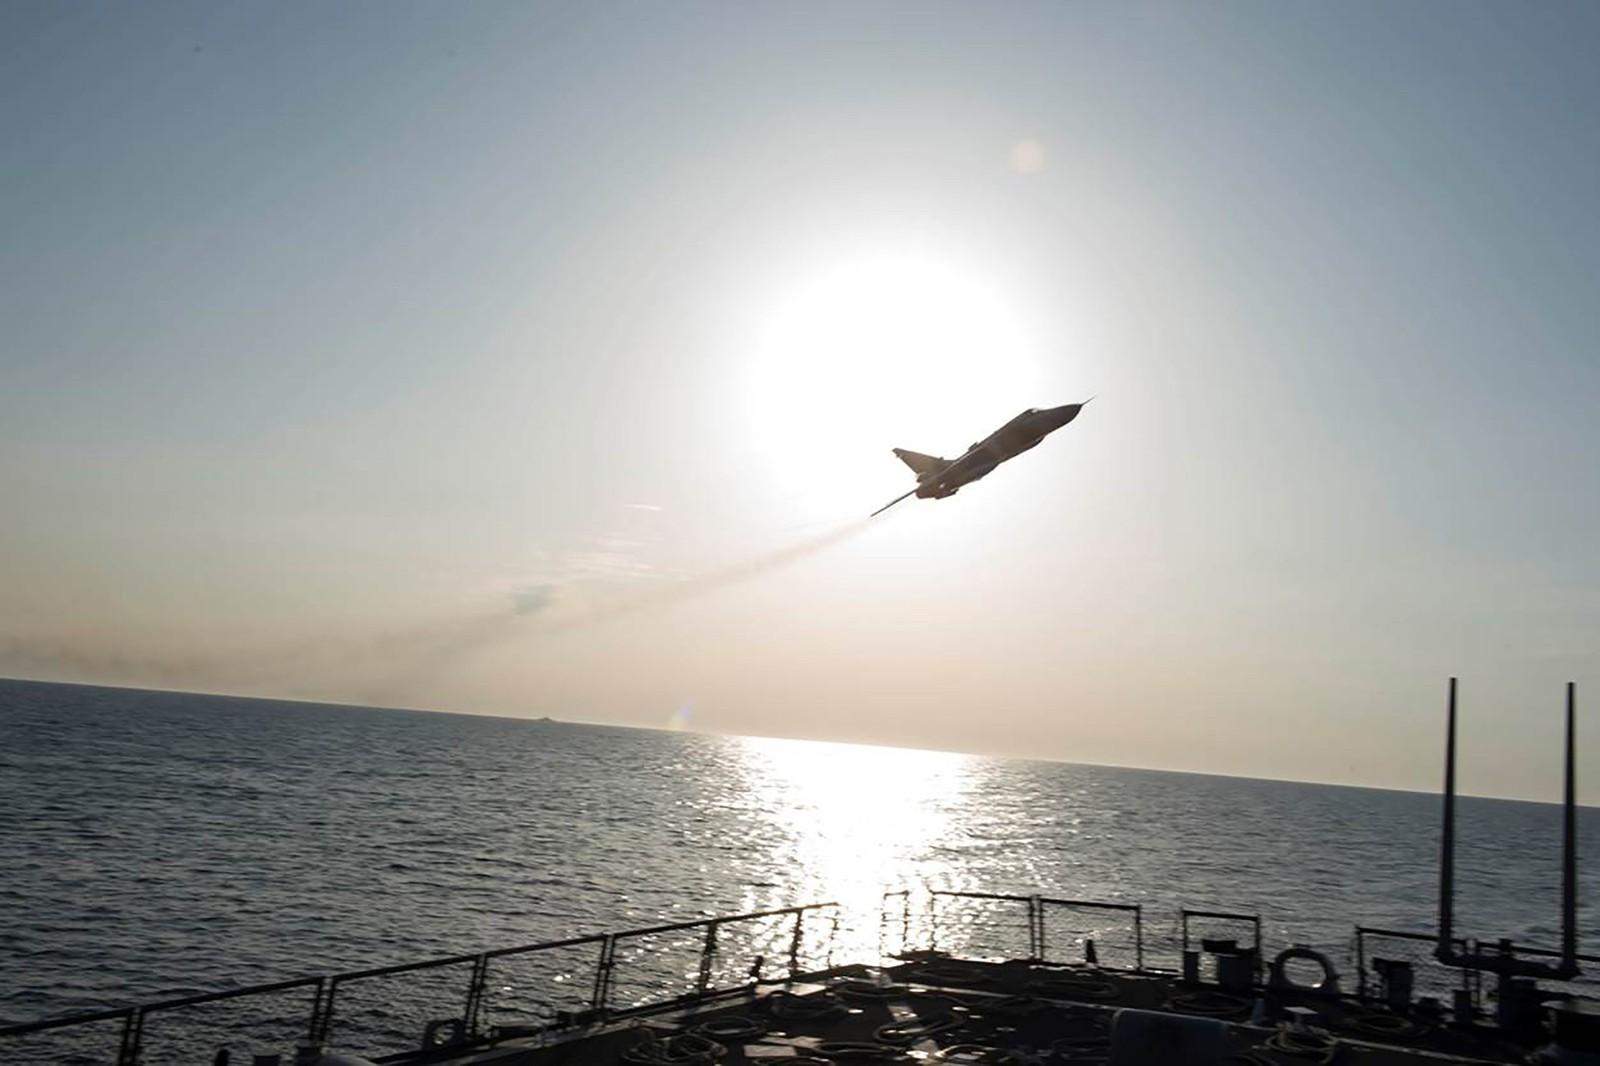 Nesten et dusin ganger fløy jagerflyene over skipet.